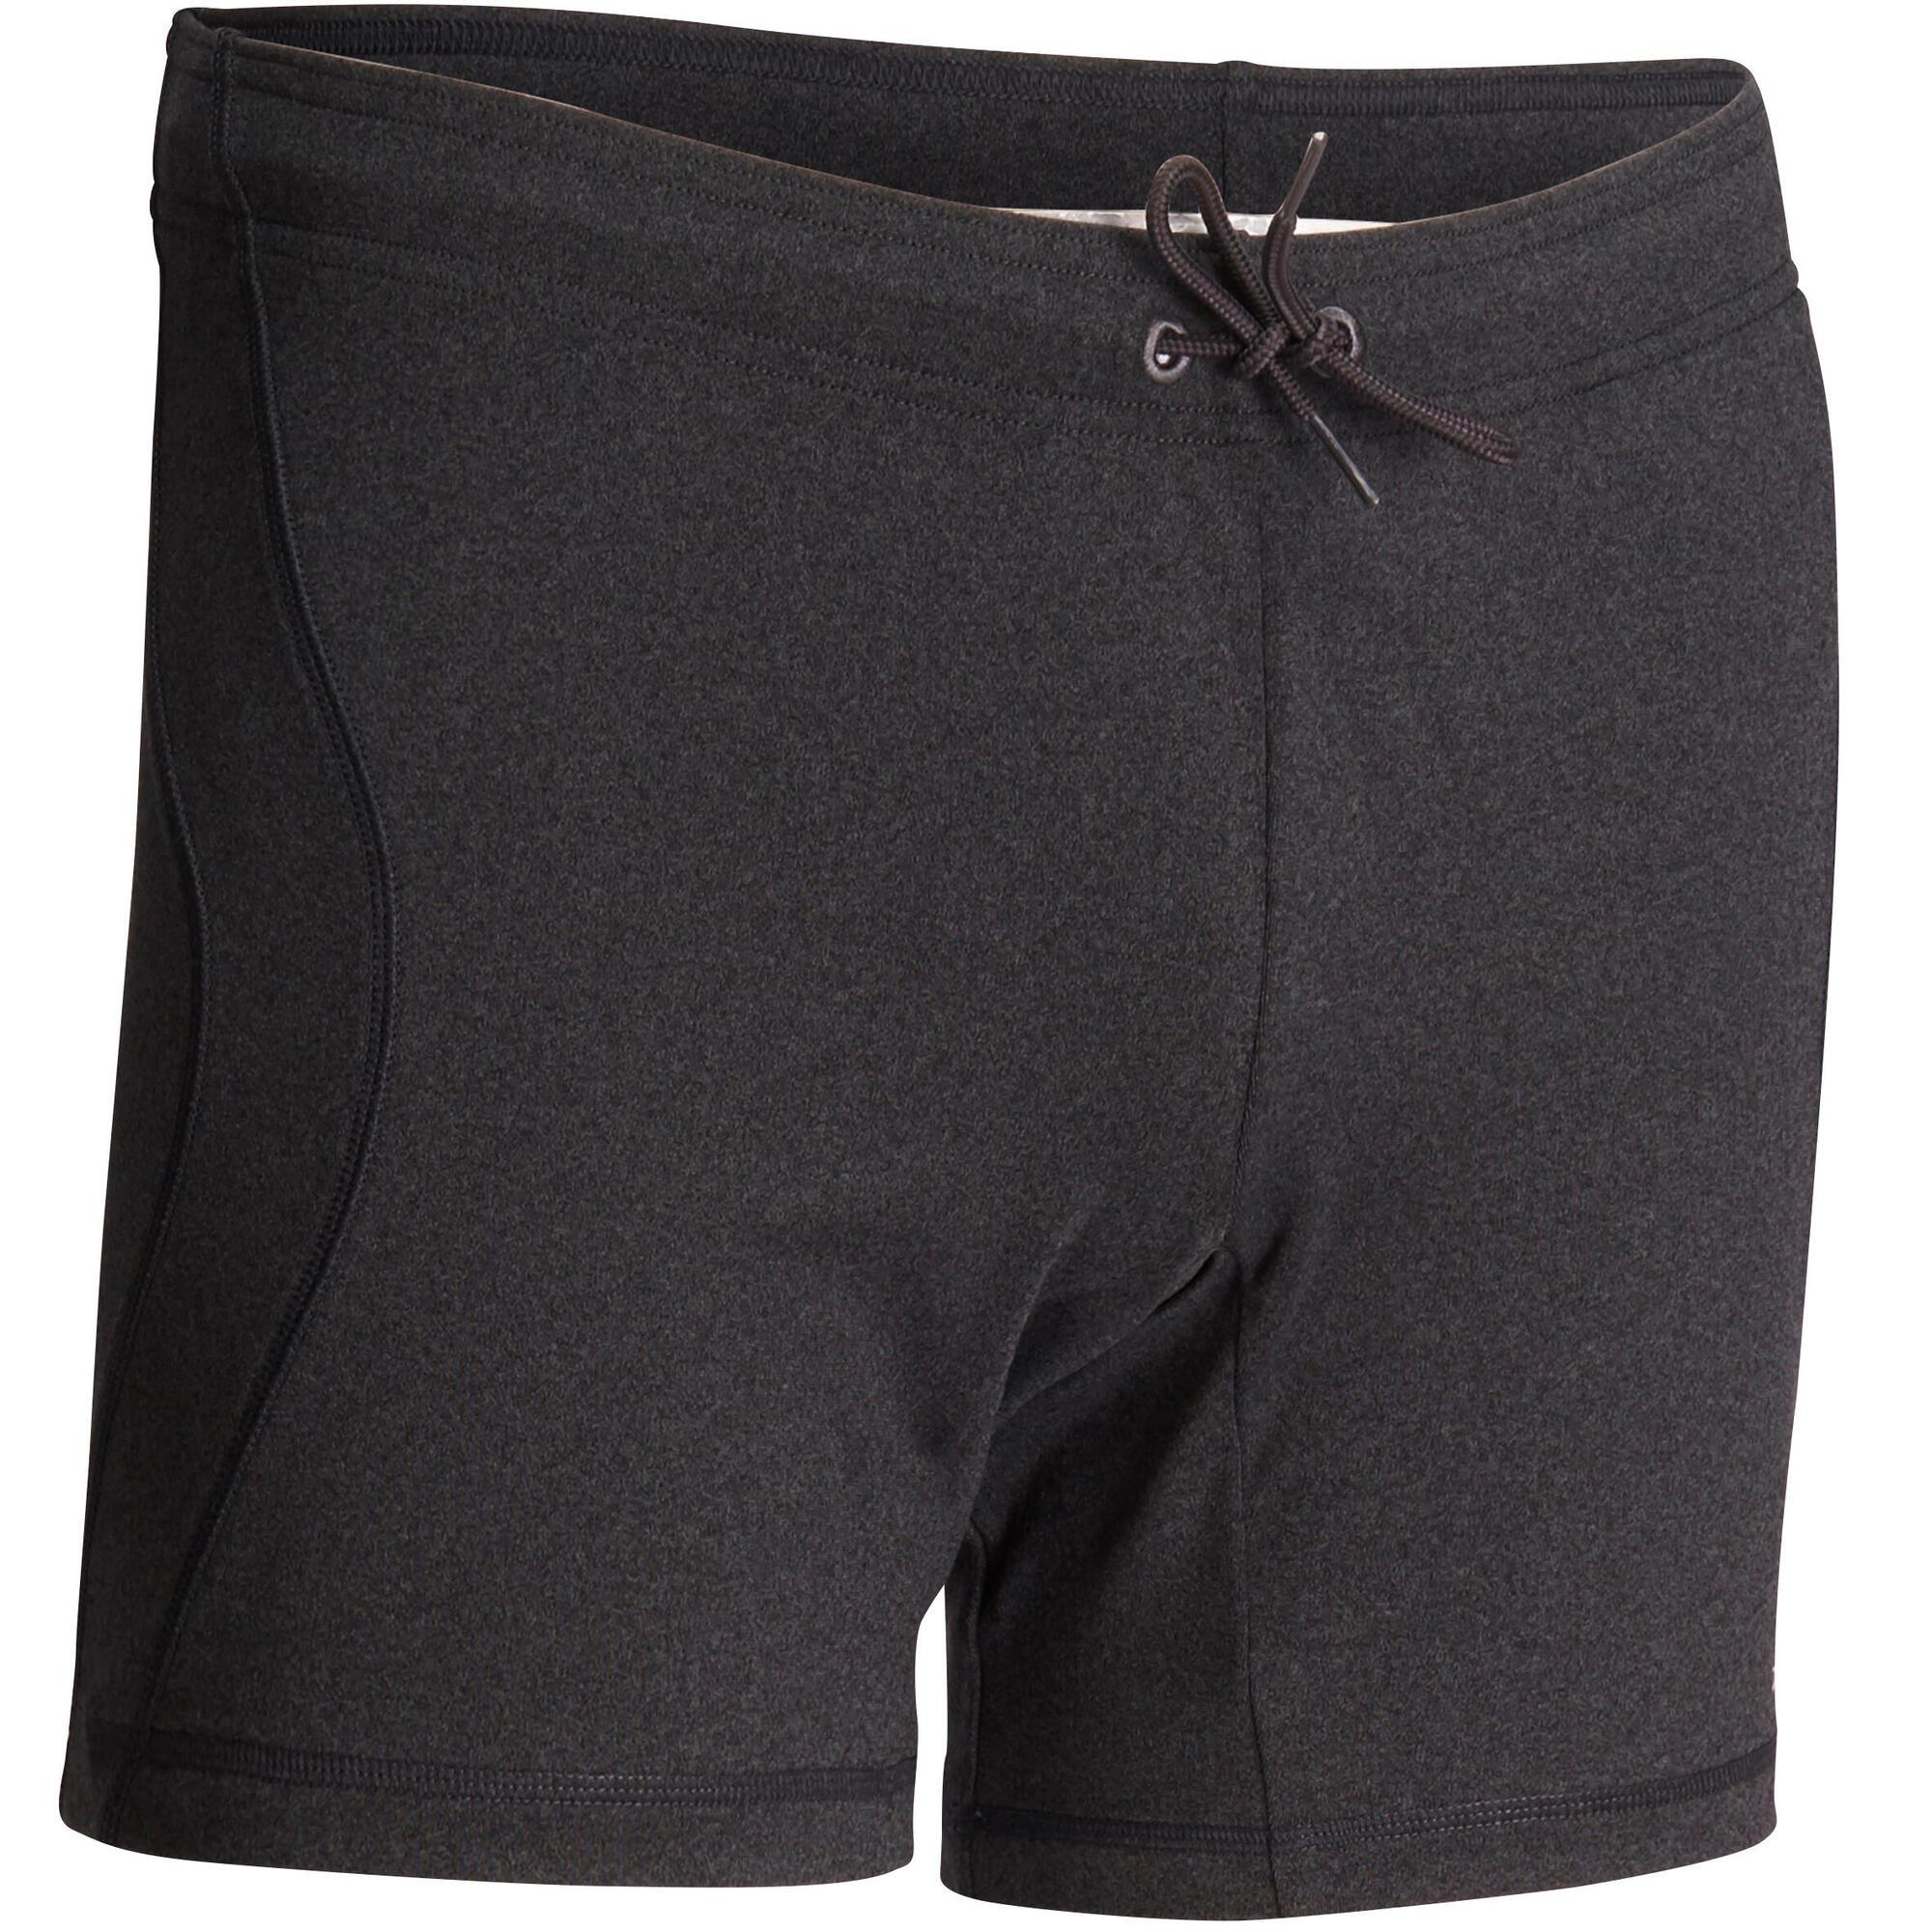 Gris Vêtements Fonce Short Et Iyengar Hot Homme Yoga dCrQsotBhx